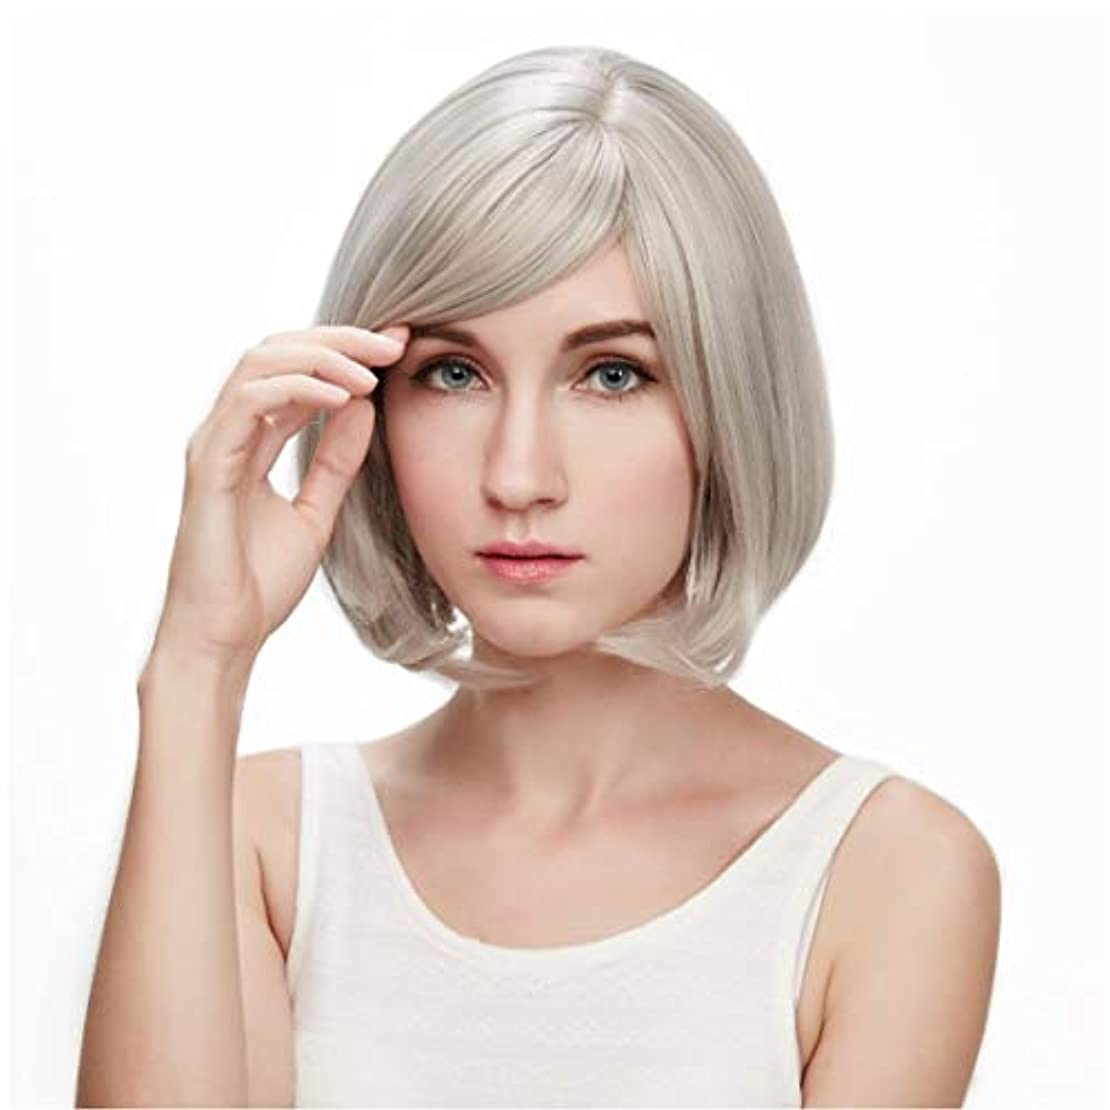 拒絶する評決ミトンSummerys 本物の髪として自然な女性のための平らな前髪の合成かつらとストレートショートボブの髪かつら